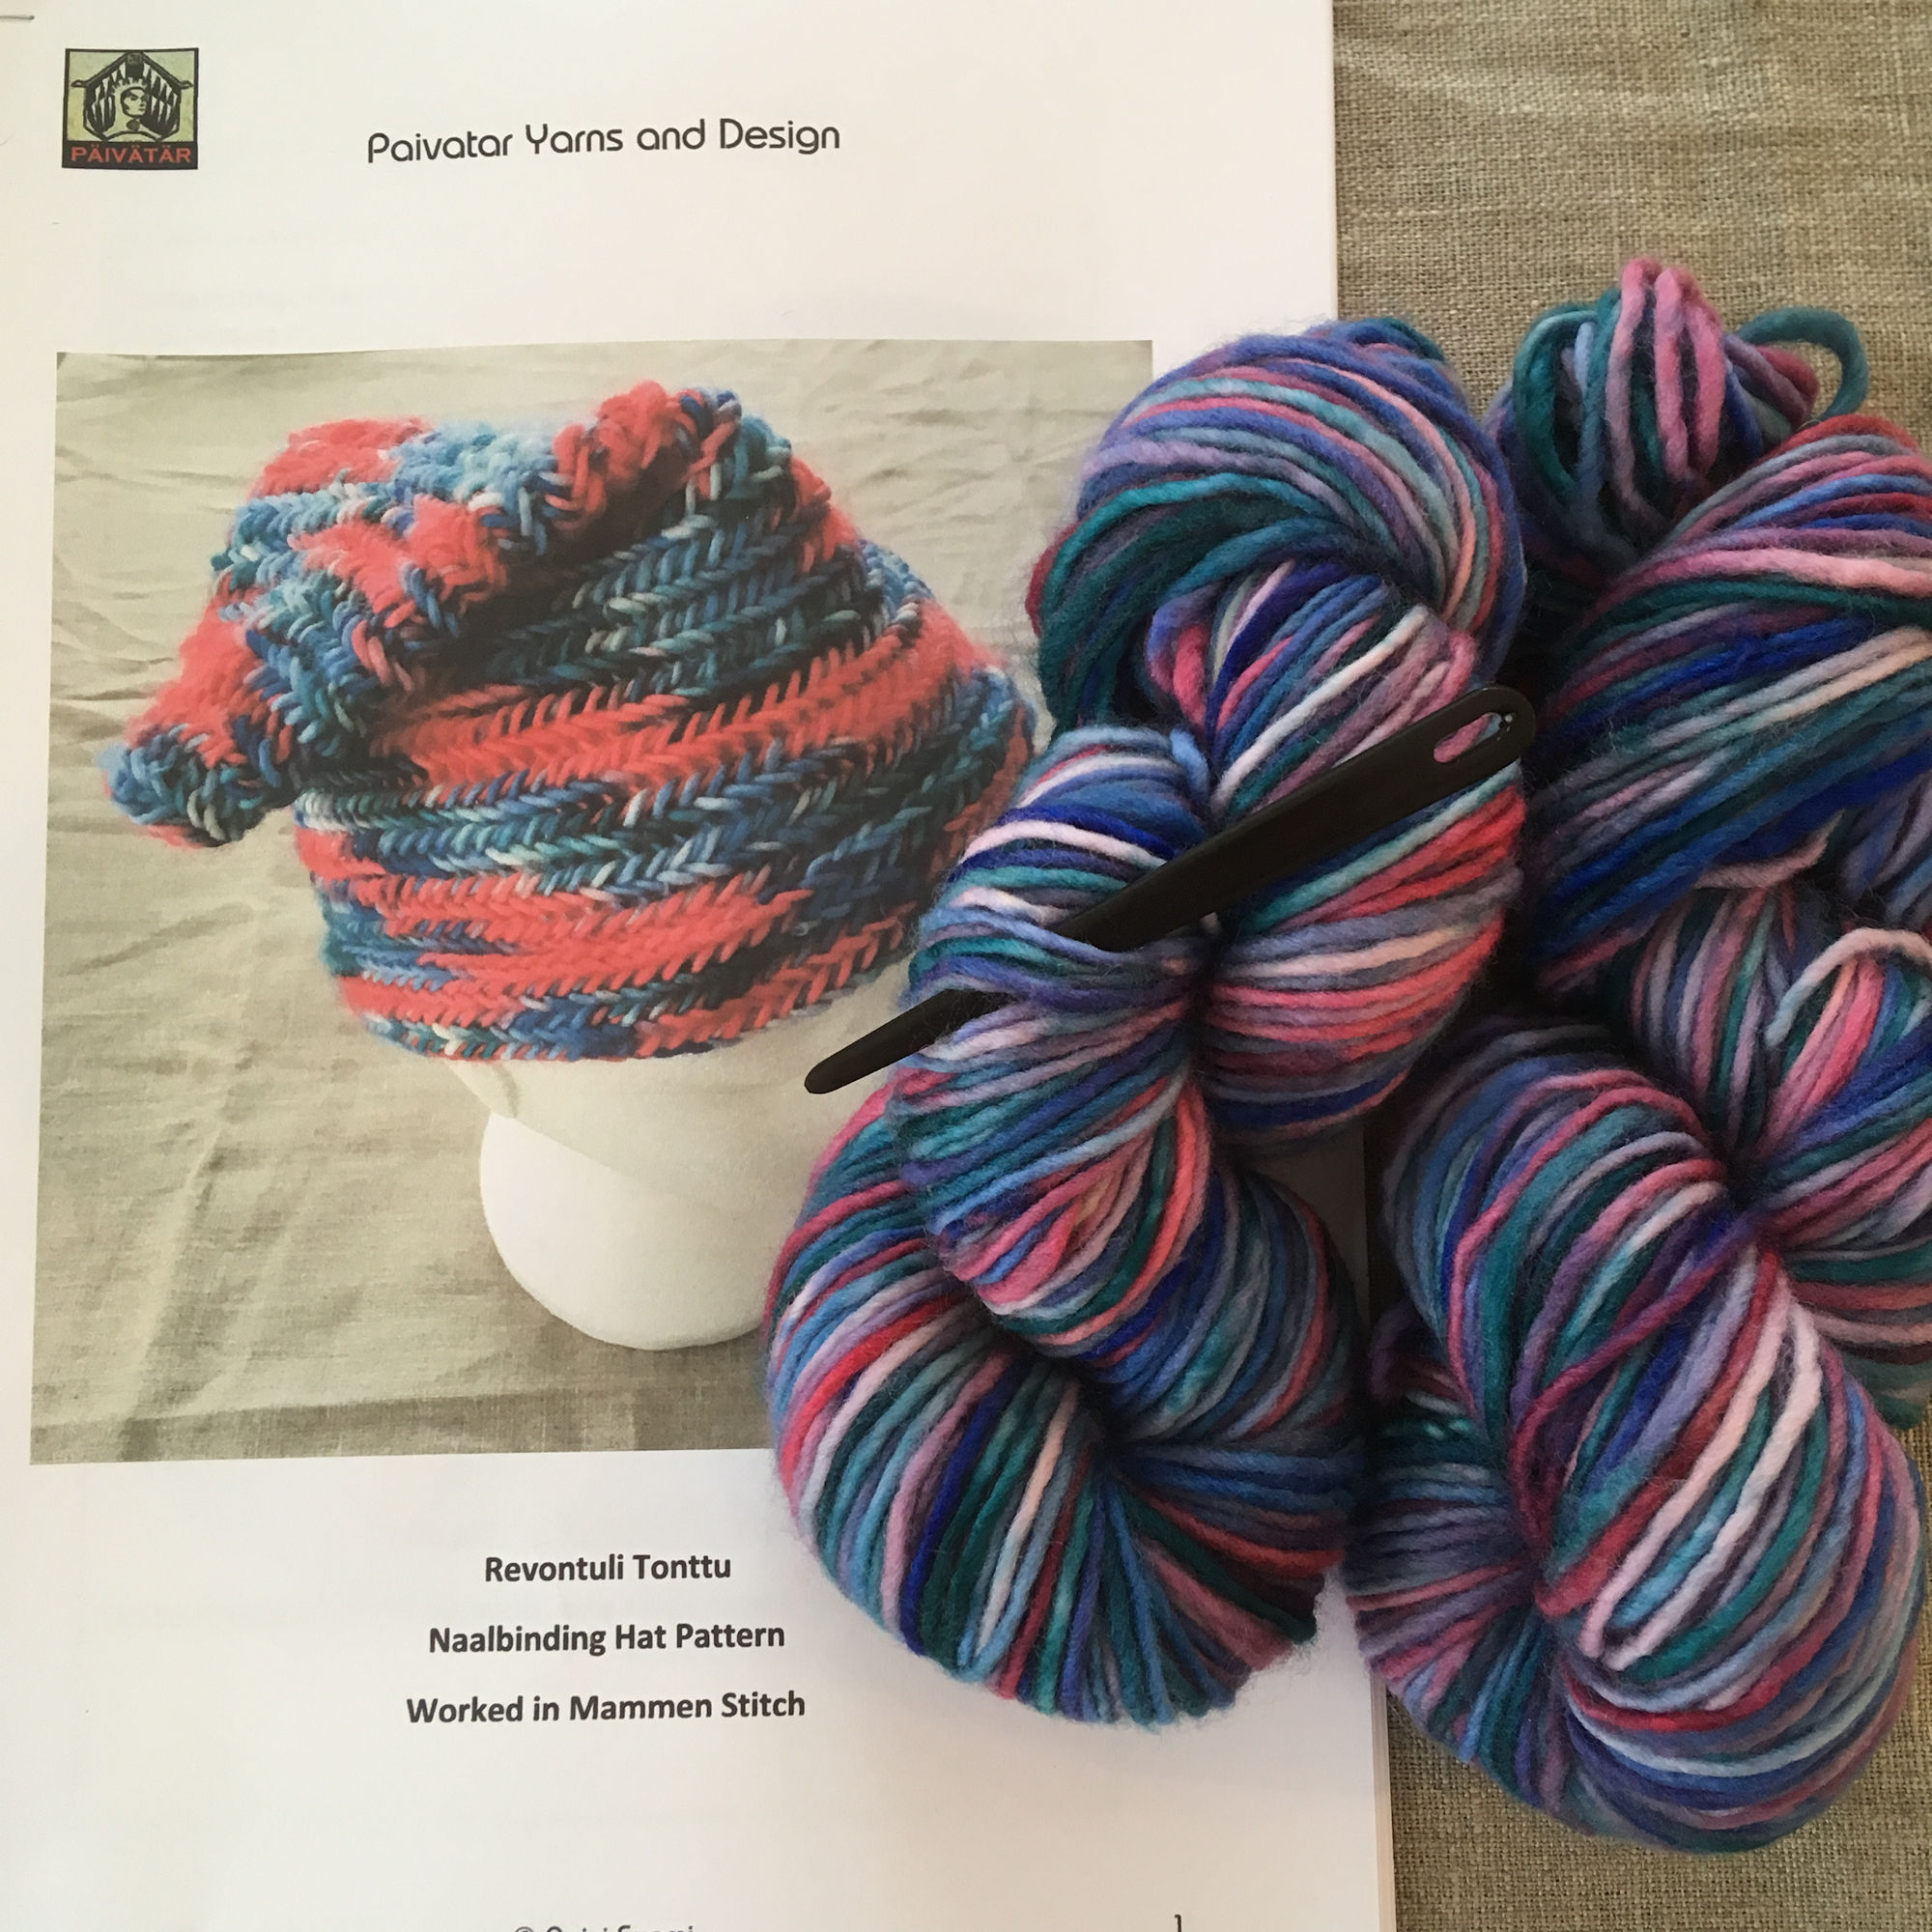 Nalbinding Hat Kit